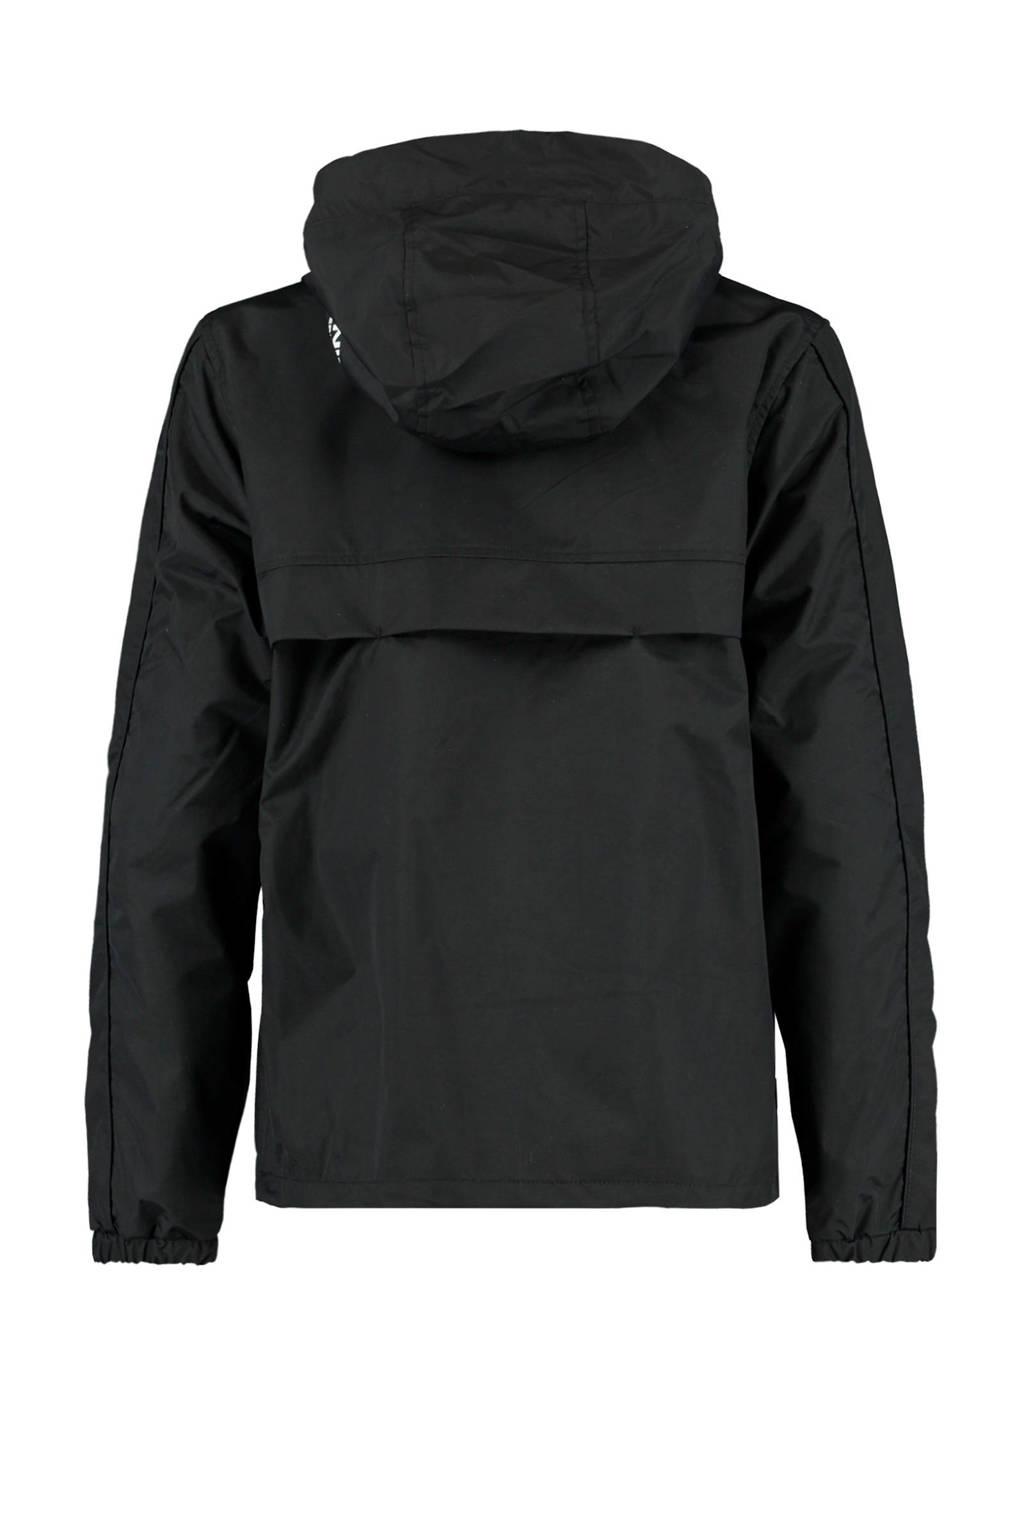 America Today Junior  zomerjas Jered met tekst zwart, Zwart